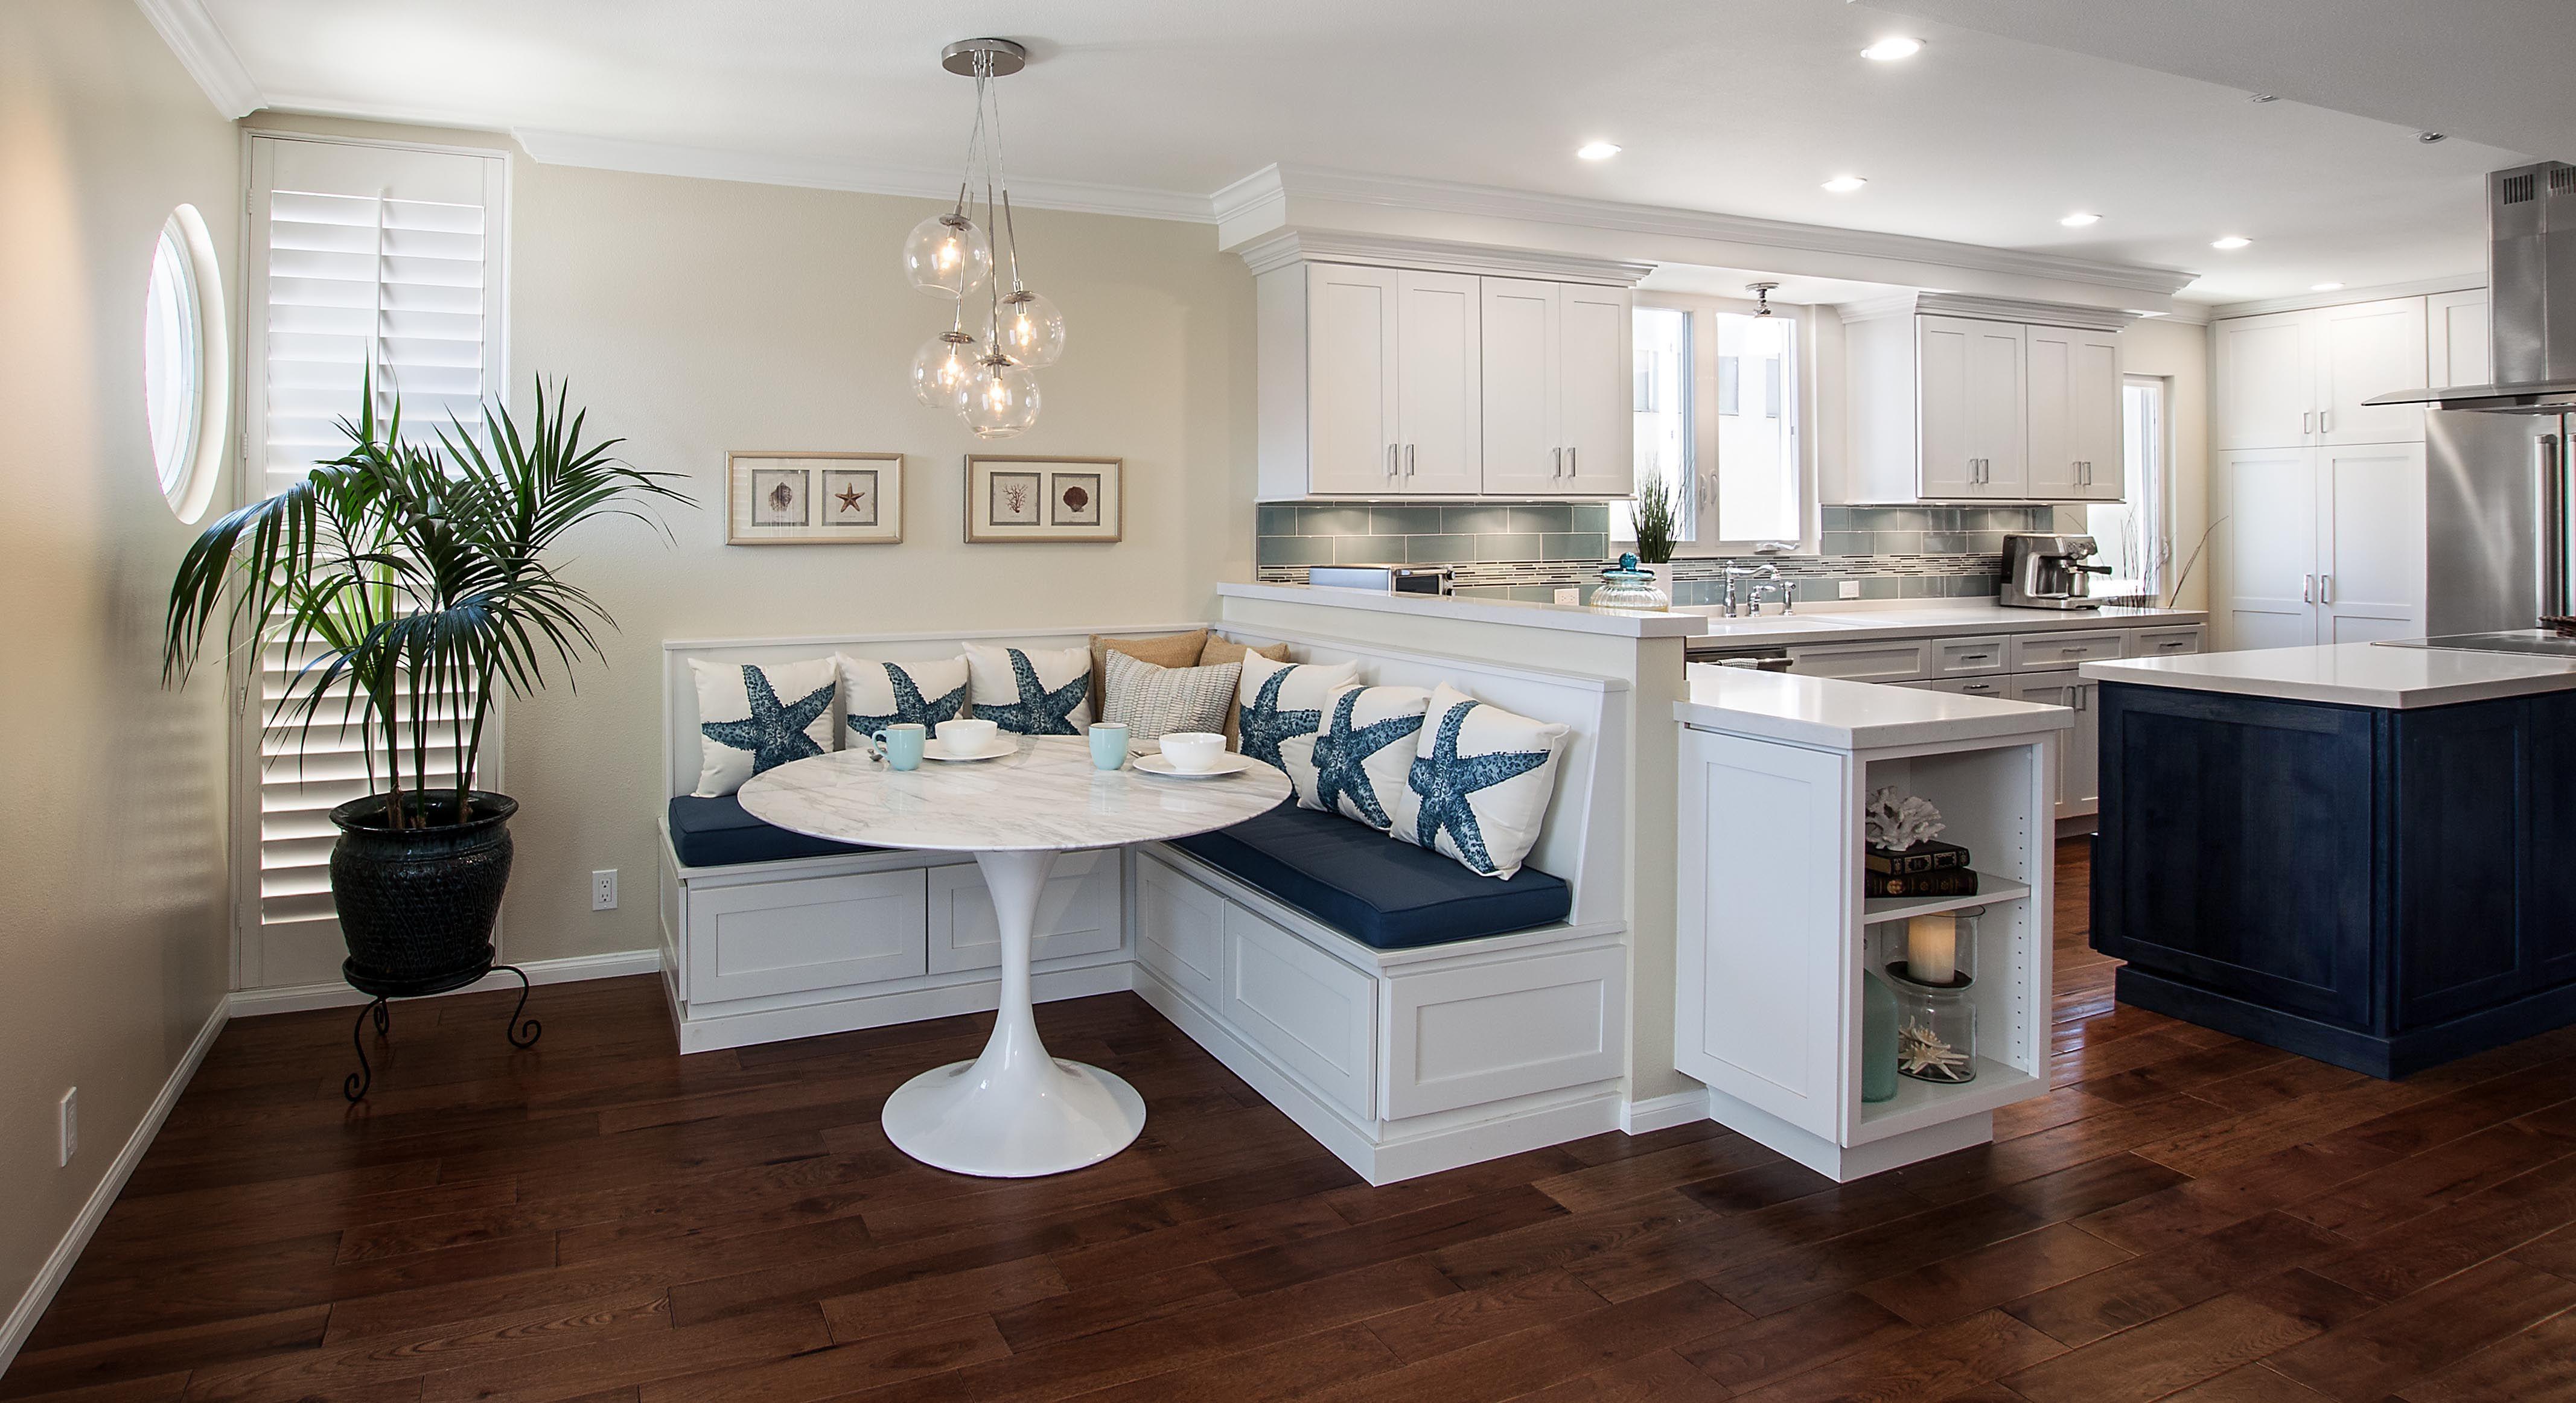 Kleine Küche, Tisch Mit Eckbank Küche Eckbank Sitzecke Esstisch Und Bank  Essecke Und Bank Set